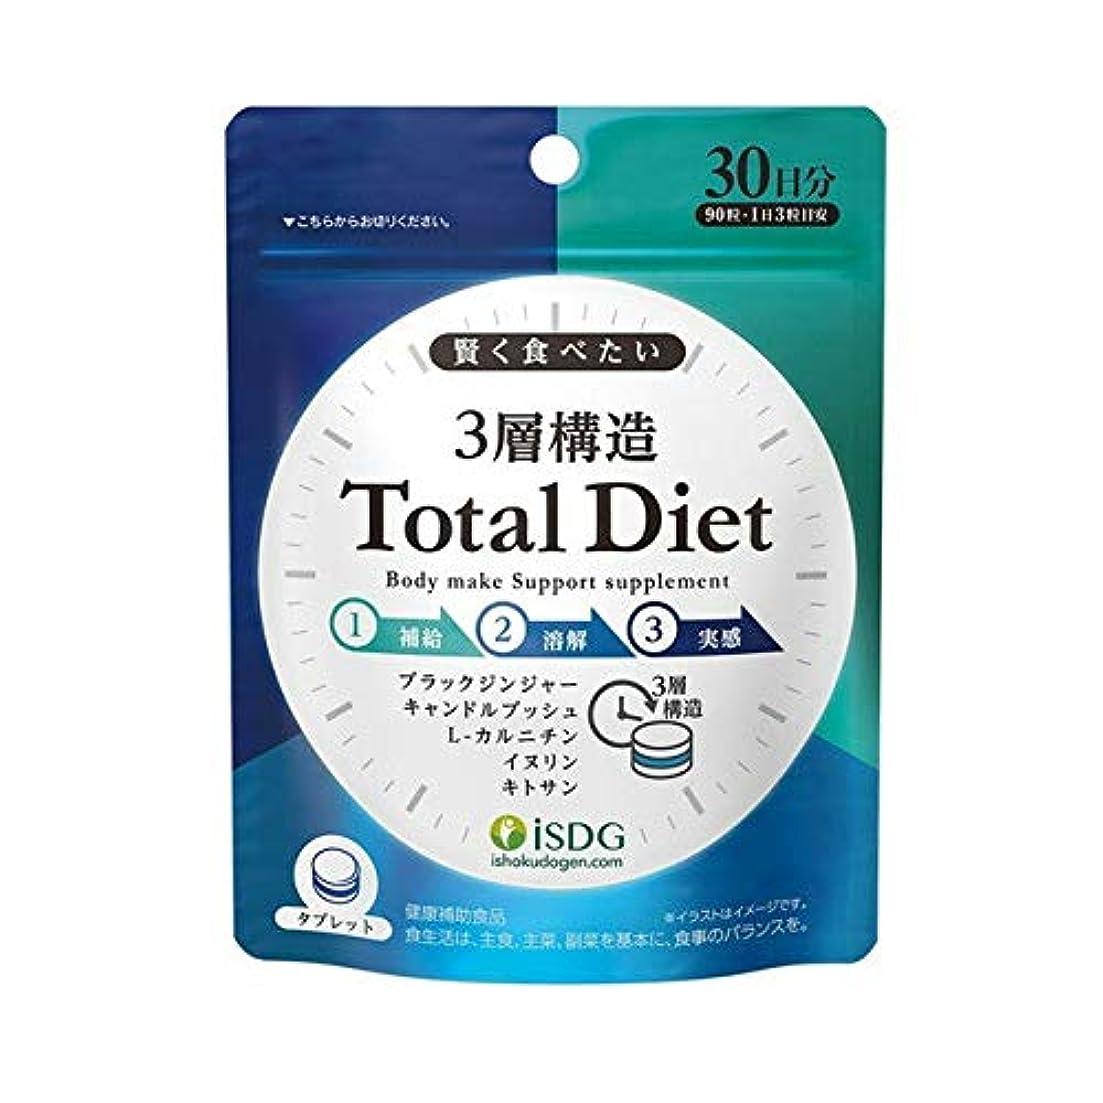 ウナギパーフェルビッド衰える医食同源ドットコム ISDG 3層構造 Total Diet 90粒入 トータル ダイエット×3個セット